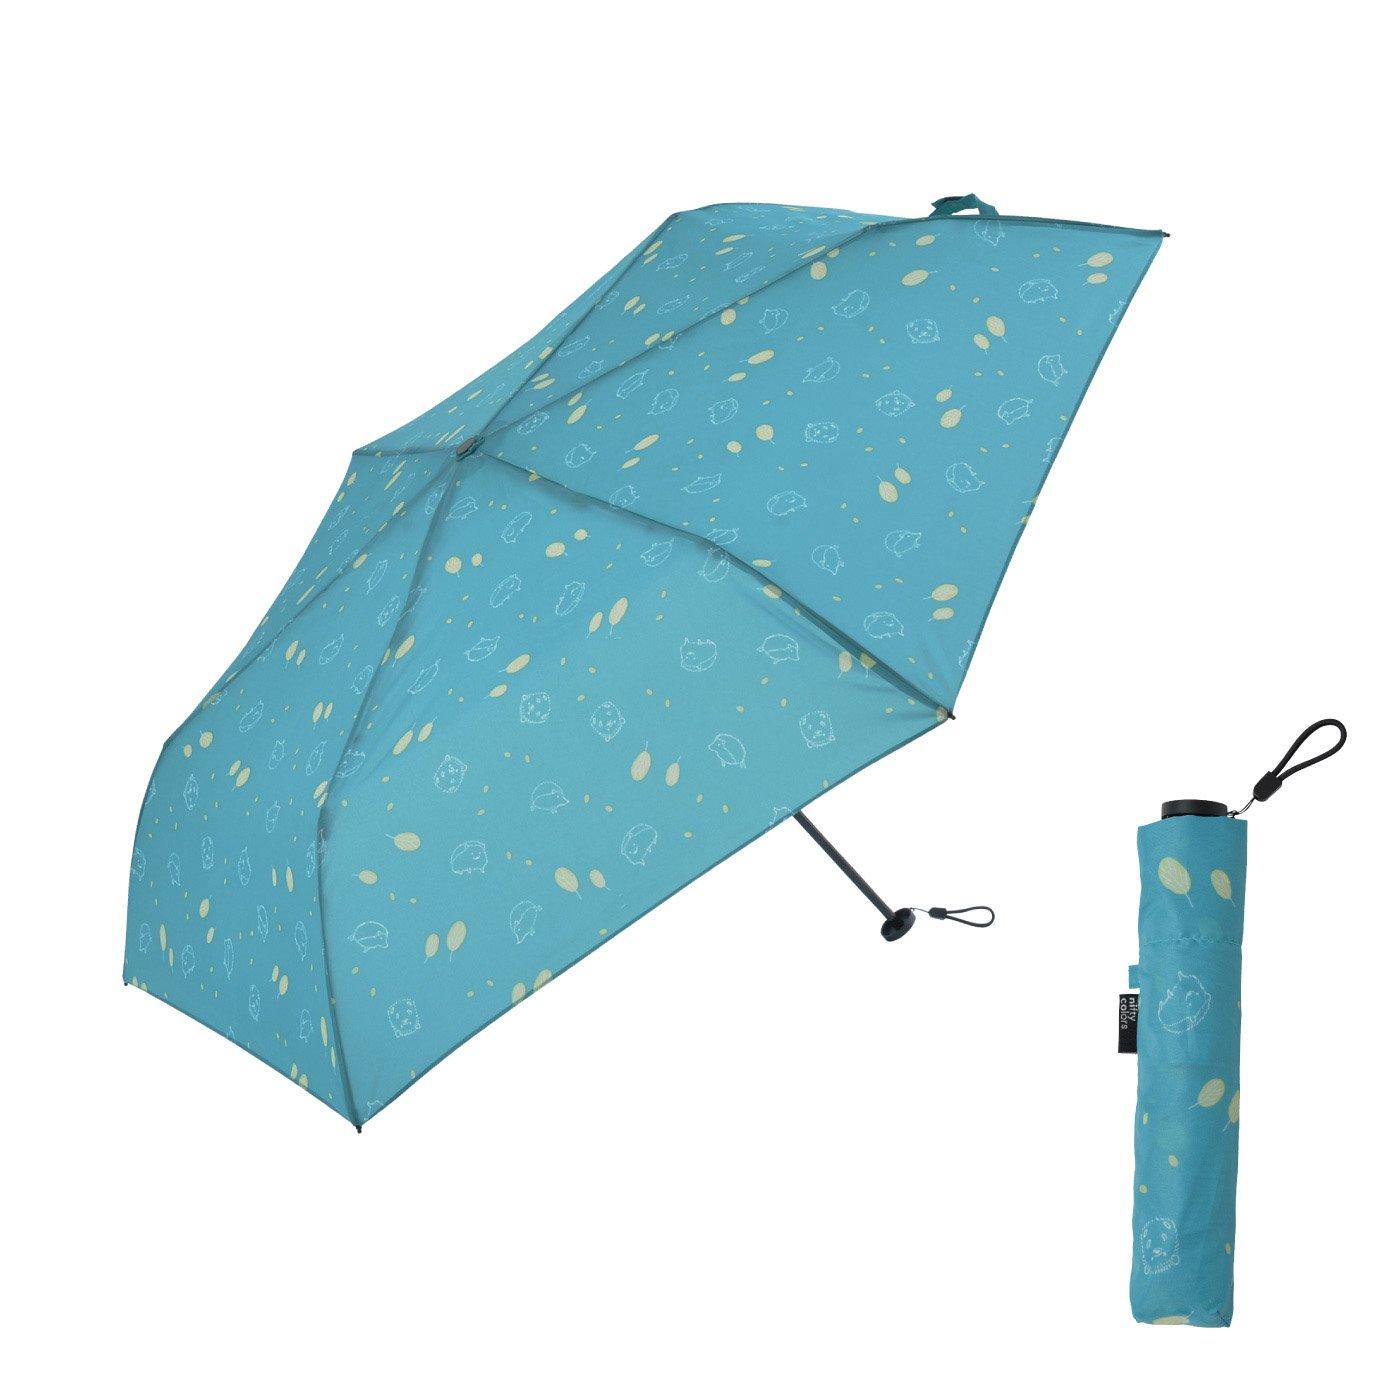 らくらく開閉!軽量&スリム  カーボンミニ晴雨兼用雨傘ハリー